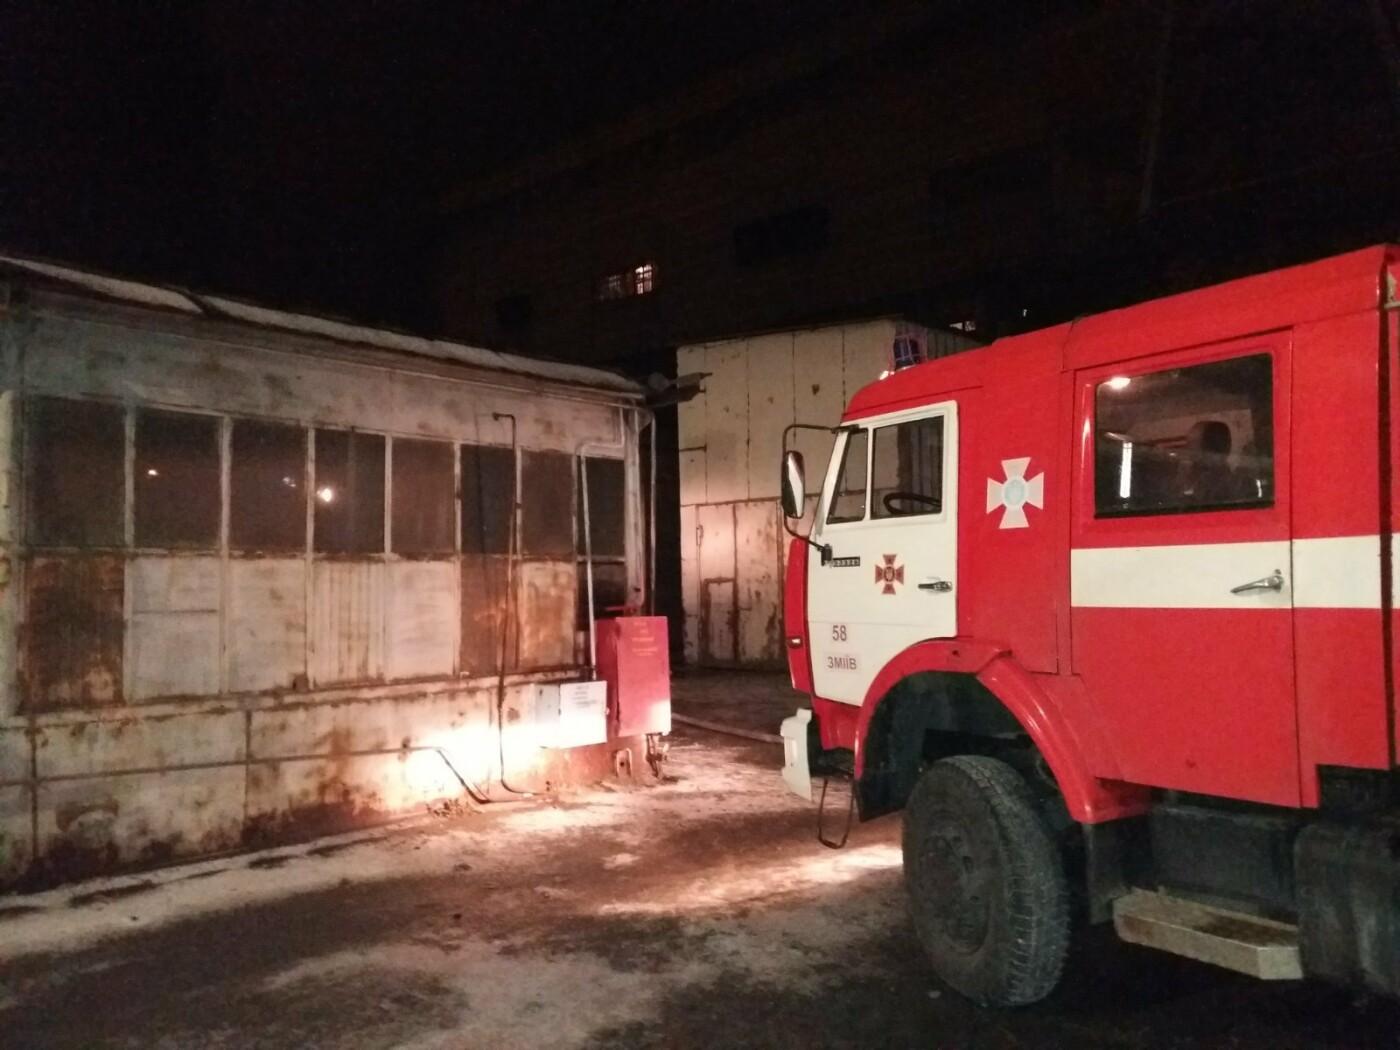 На Харьковщине загорелась Змиевская ТЭС: спасатели более семи часов тушили пожар, - ФОТО, фото-4